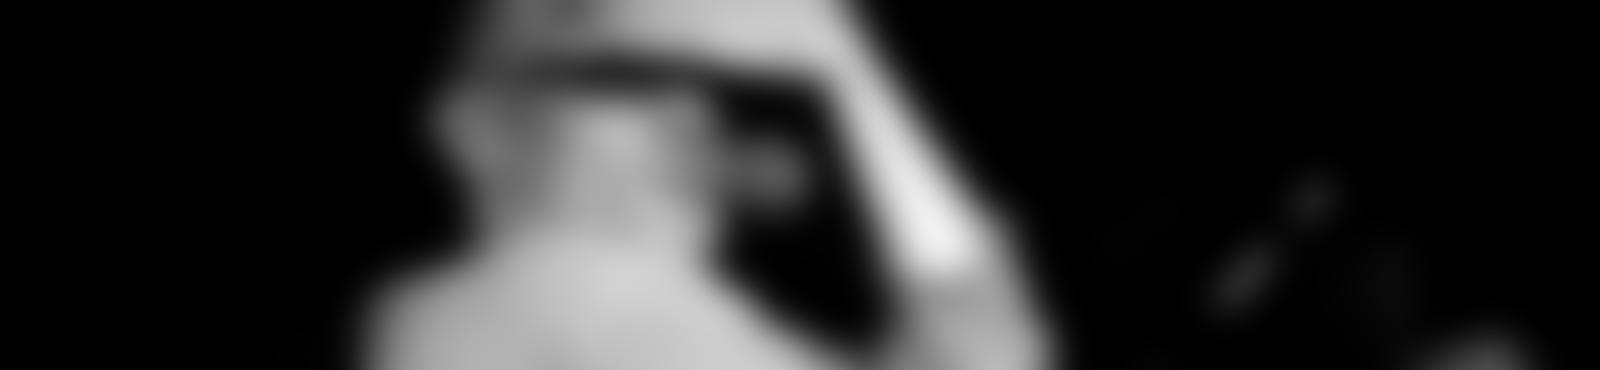 Blurred 13a88cd9 d714 478c 8351 a10c6c8a449e